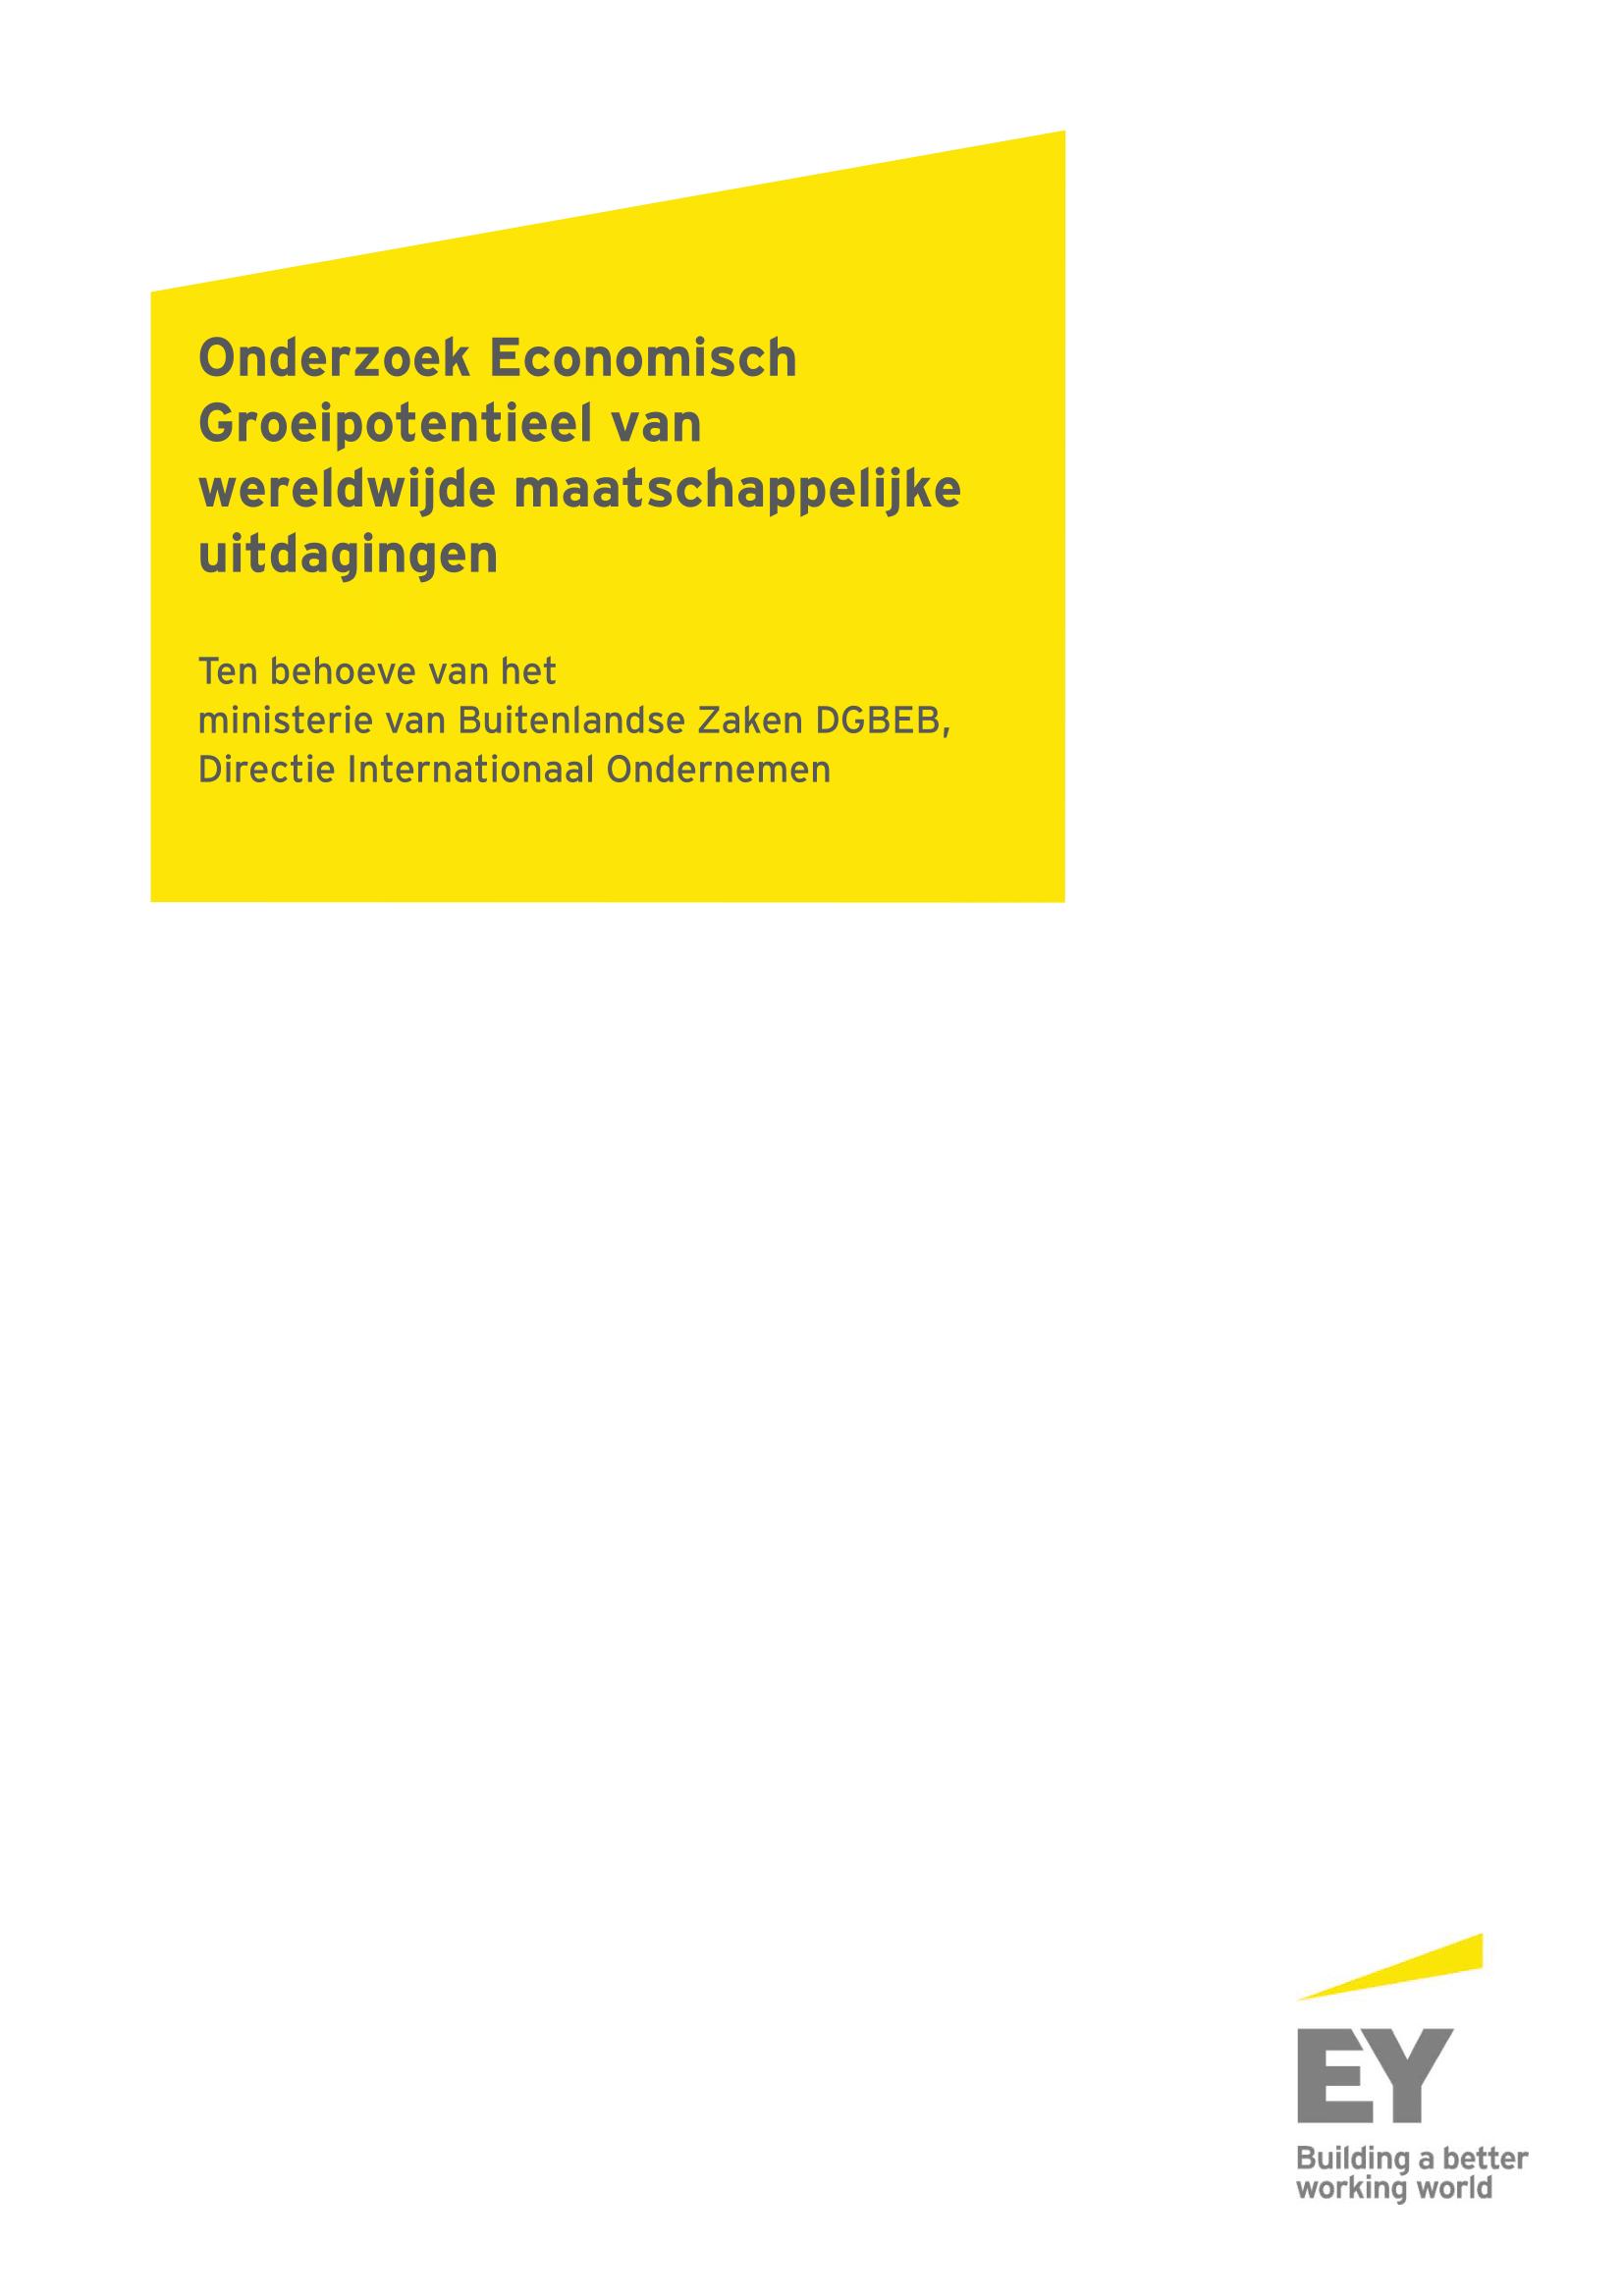 Onderzoek Economisch Groeipotentieel van wereldwijde maatschappelijke uitdagingen .  In collaboration with  Ernst & Young . (2017)